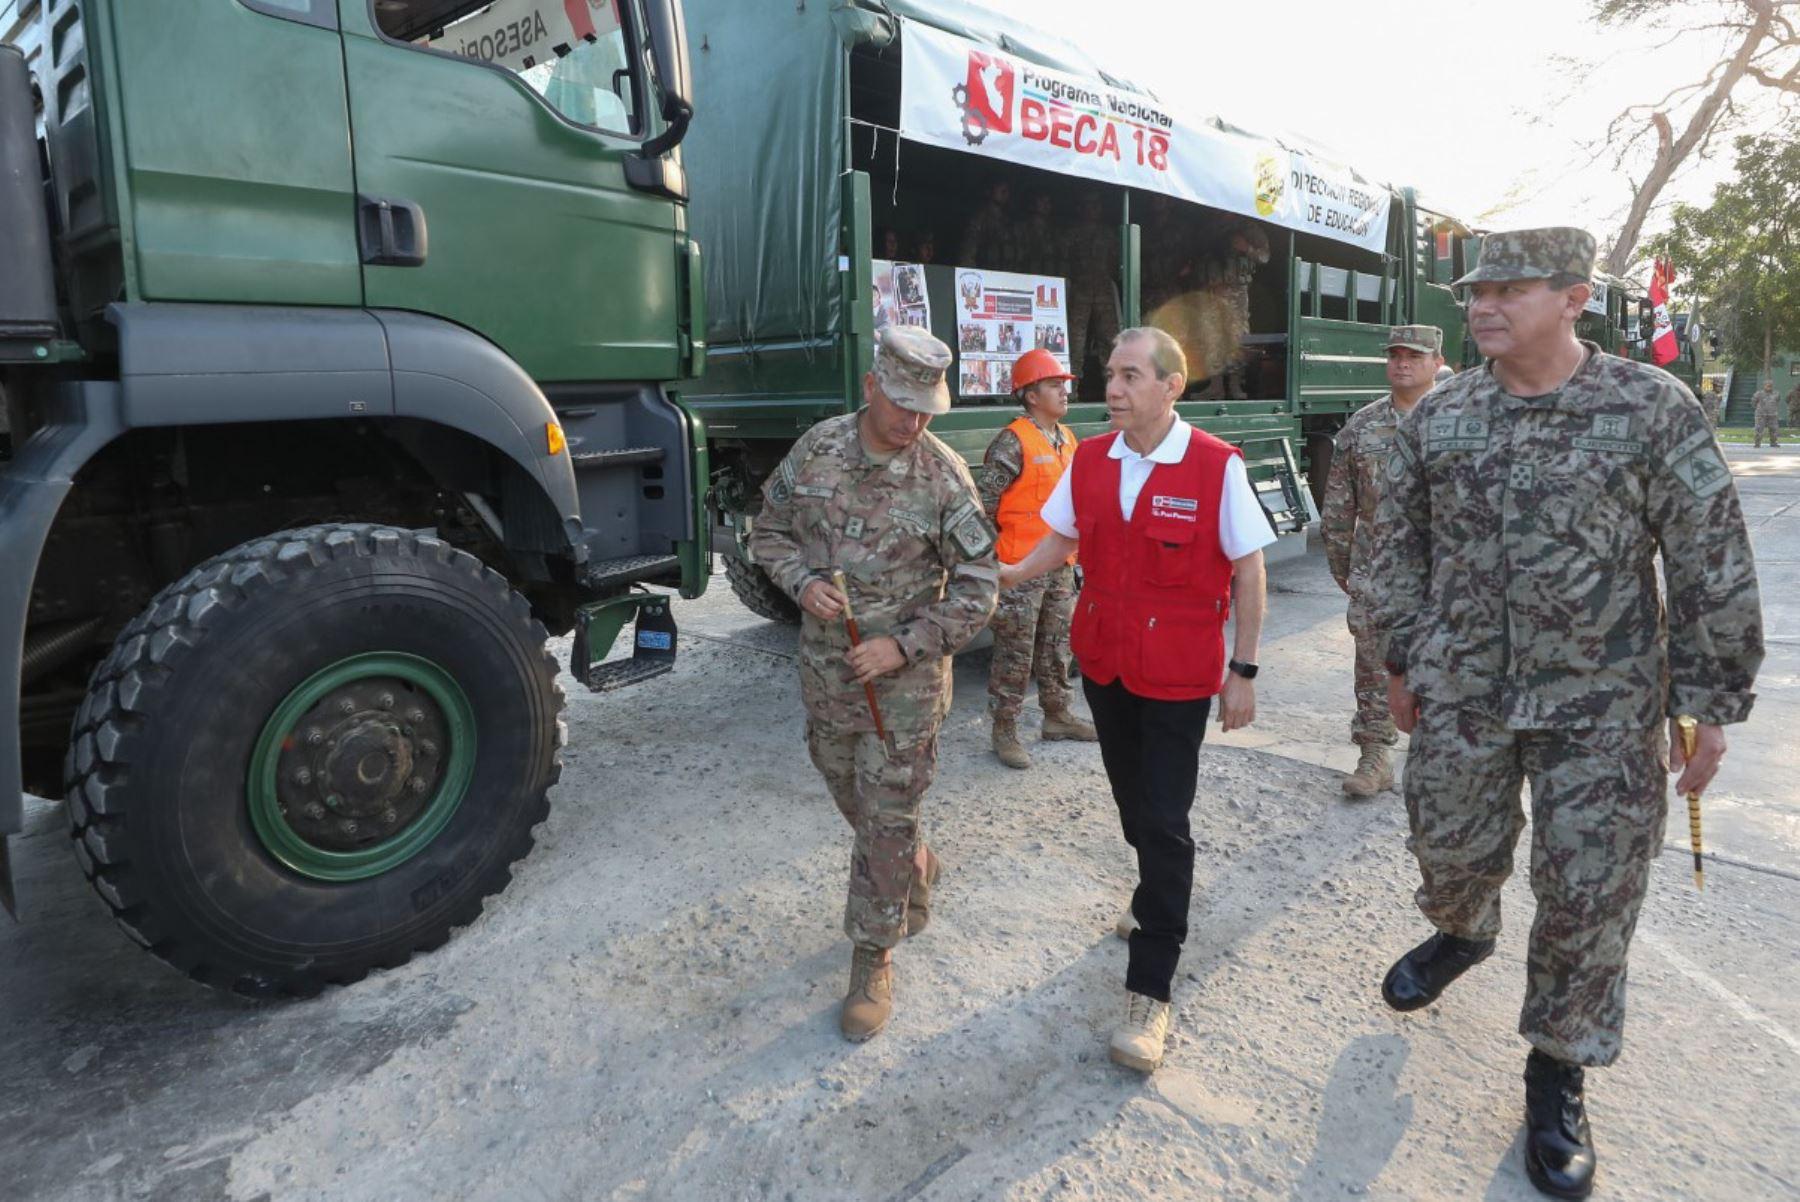 Ministro de Defensa presentó hoy en Piura el convoy de acción cívica del Ejército para apoyar a población vulnerable de esa región.